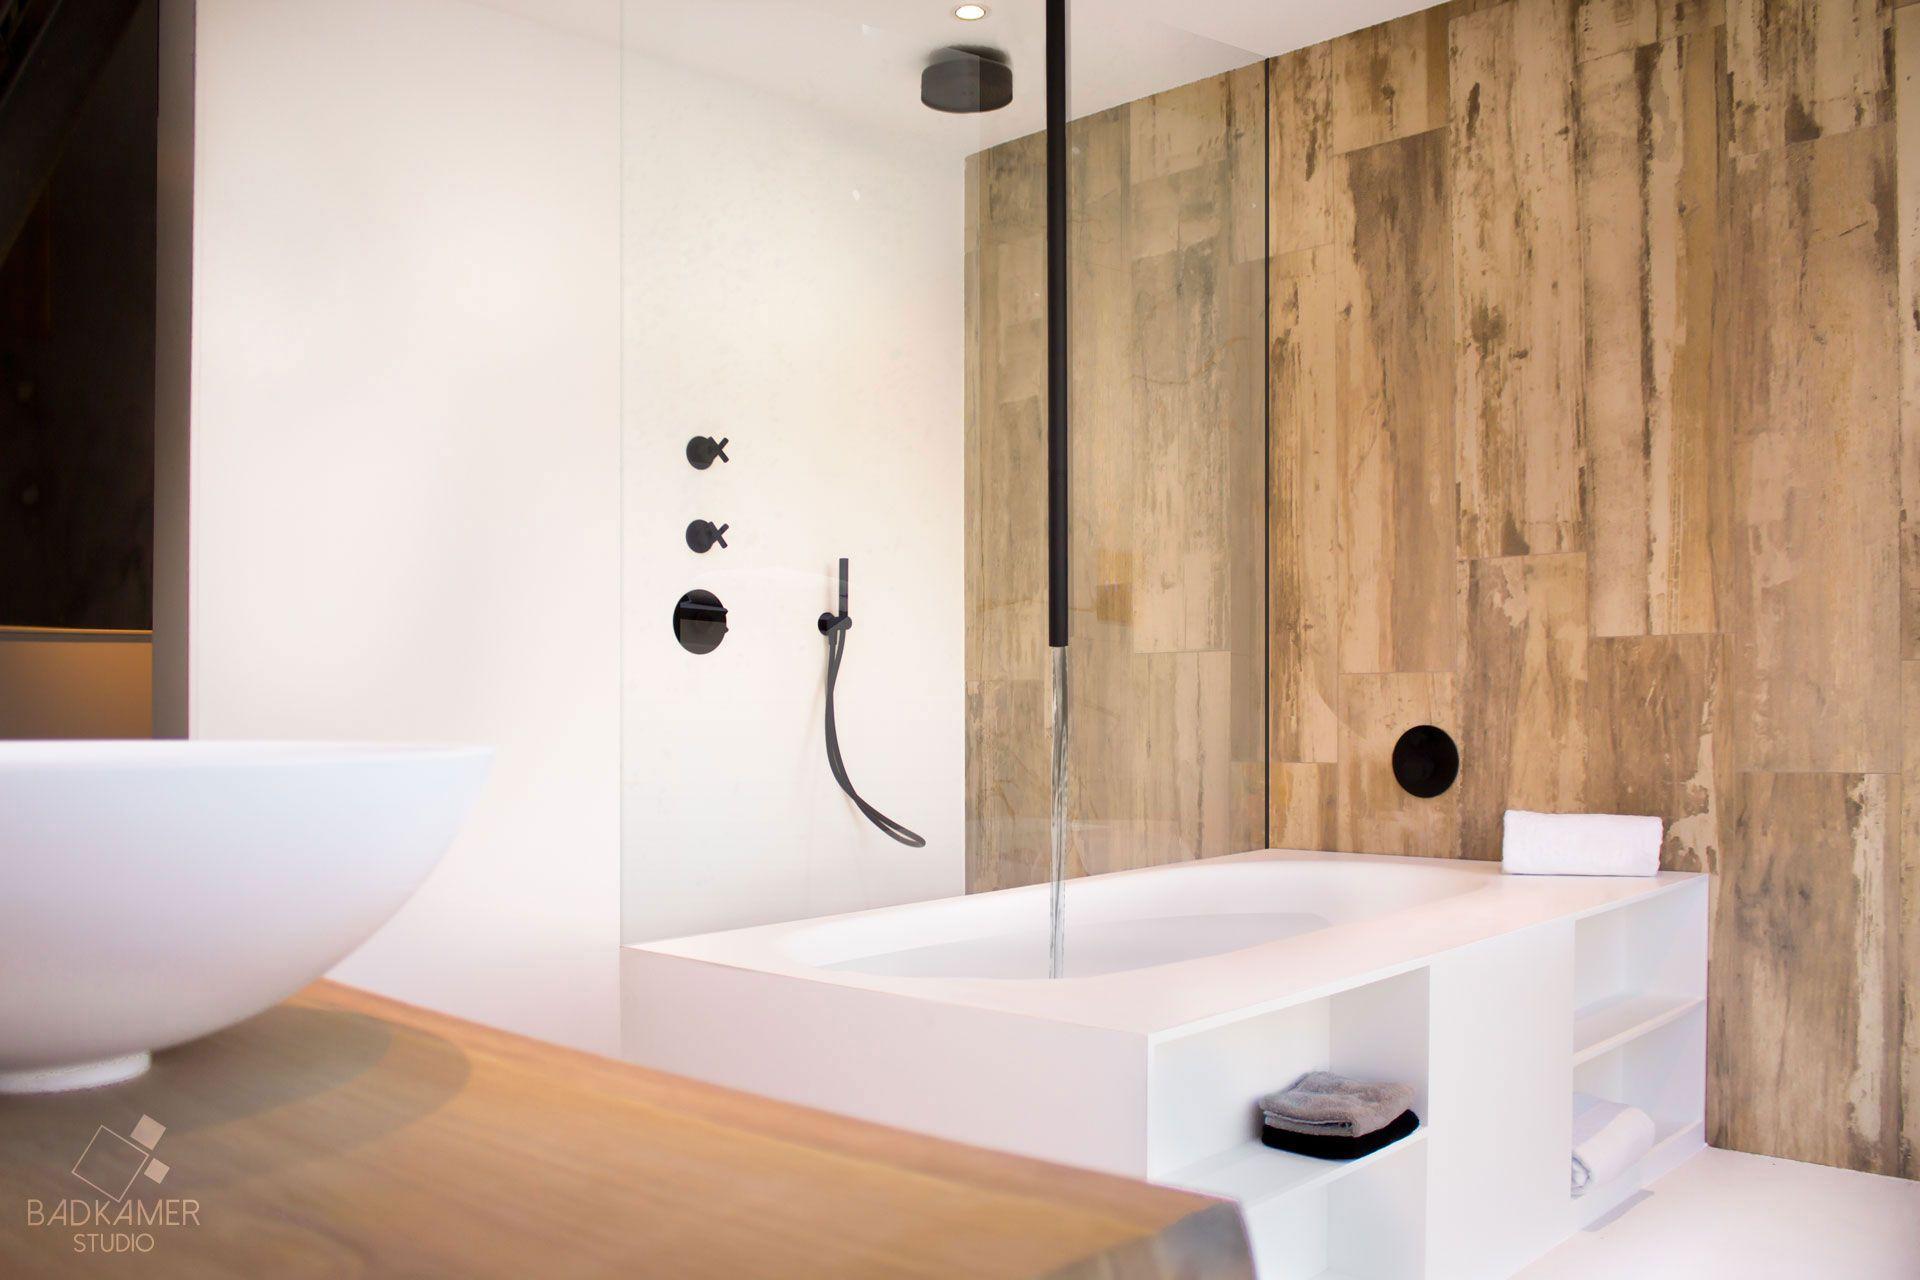 Zwarte Kraan Badkamer : Trend zwarte kranen in de badkamer badkamer